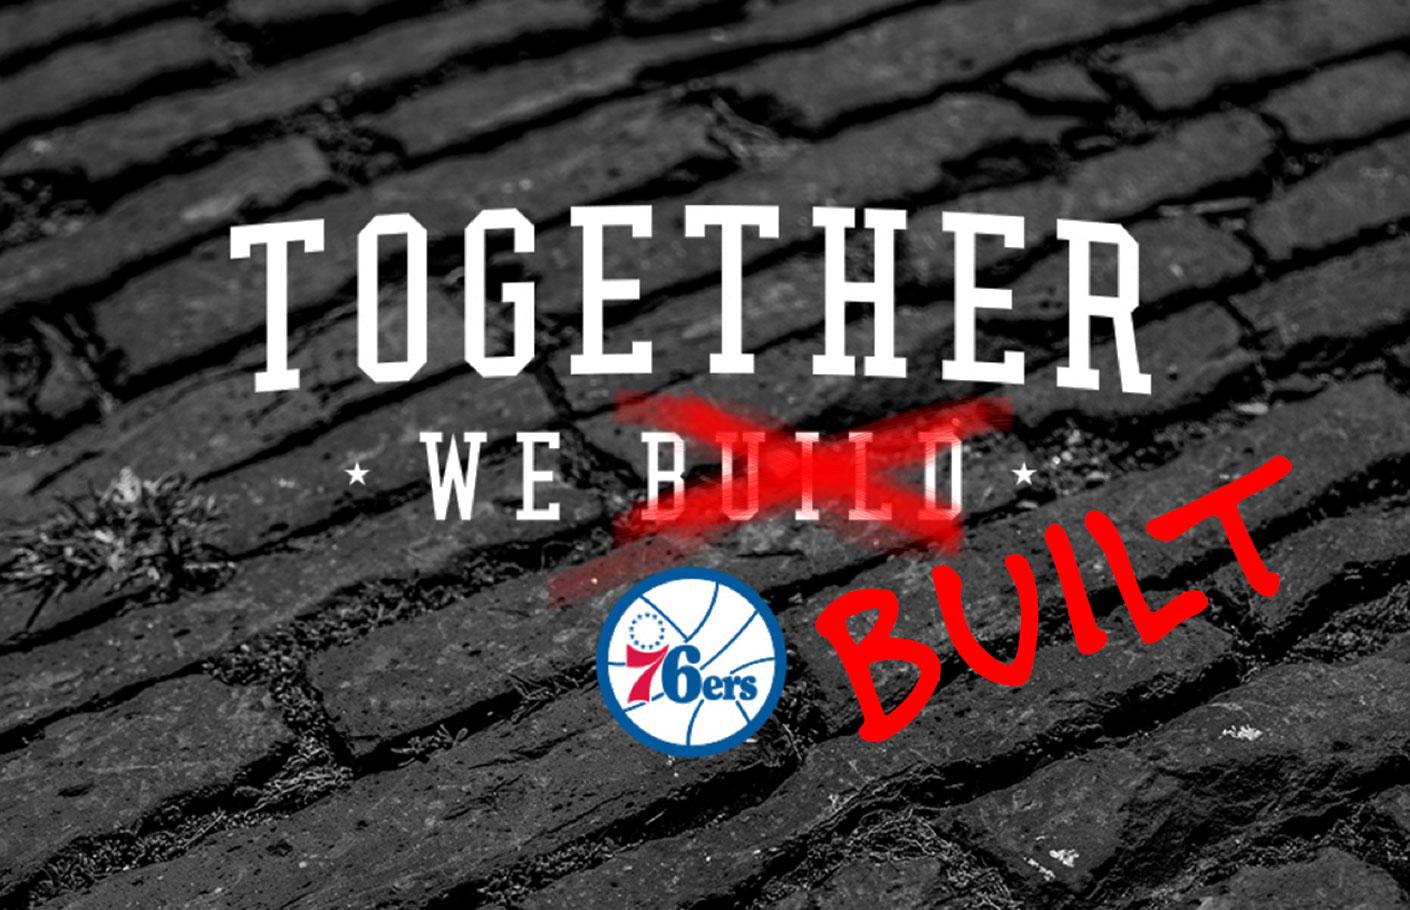 Together We Build Becomes Together We Built